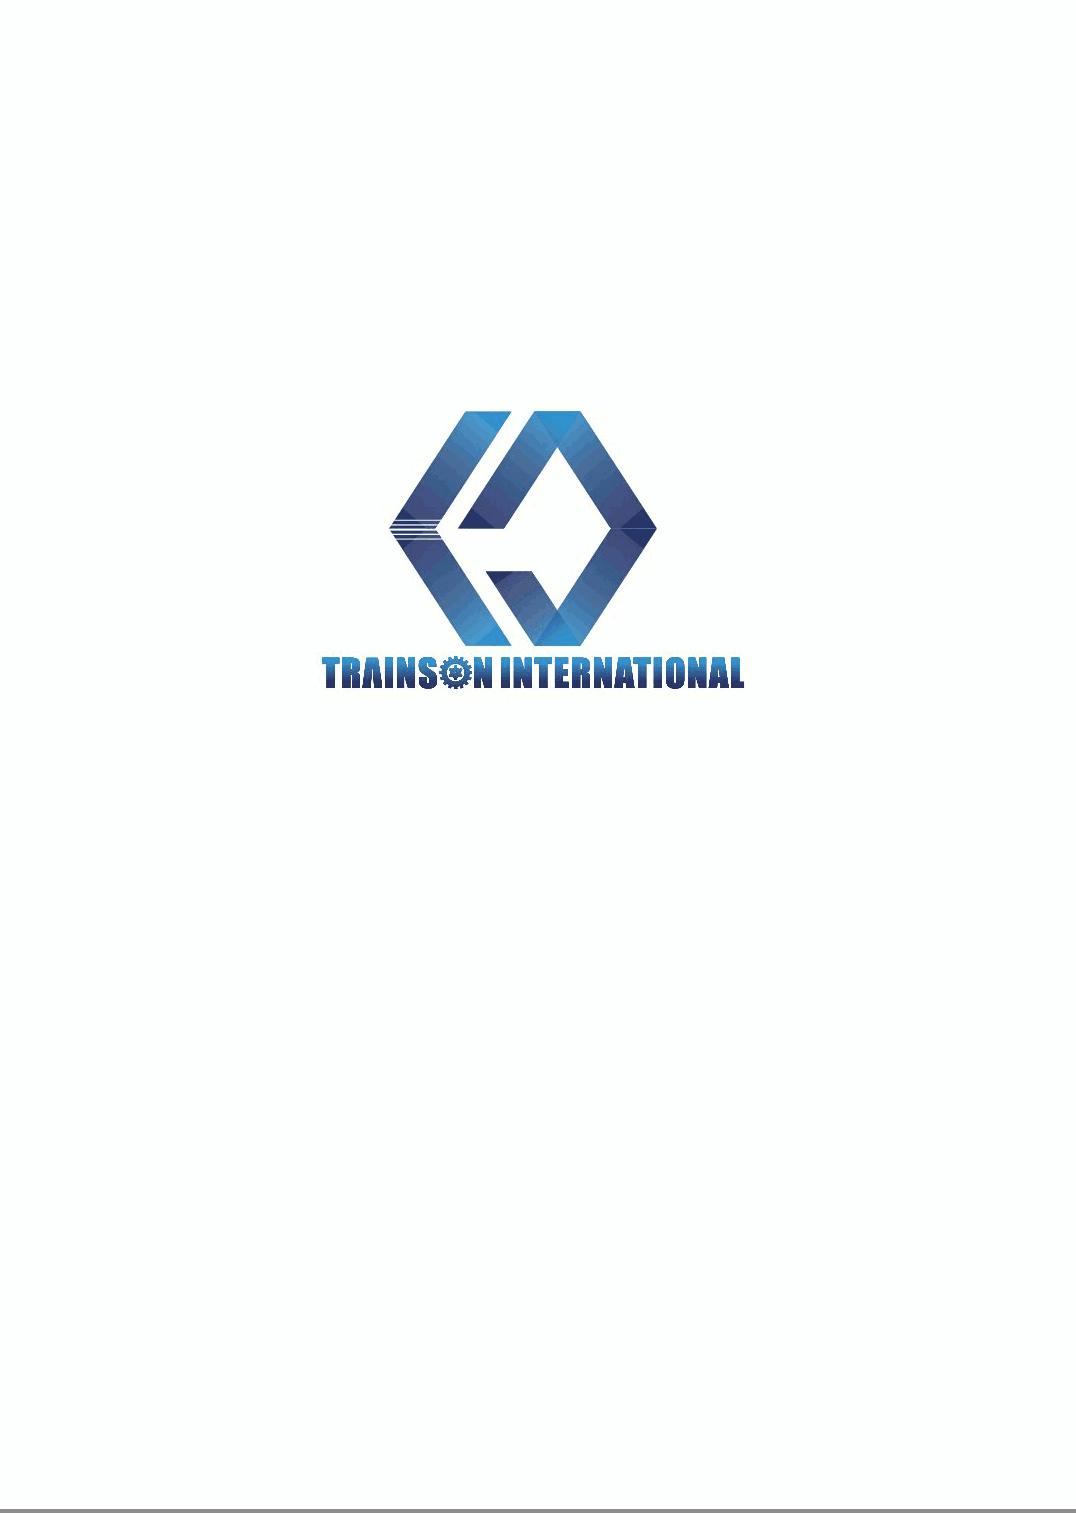 江苏泉成国际贸易有限公司